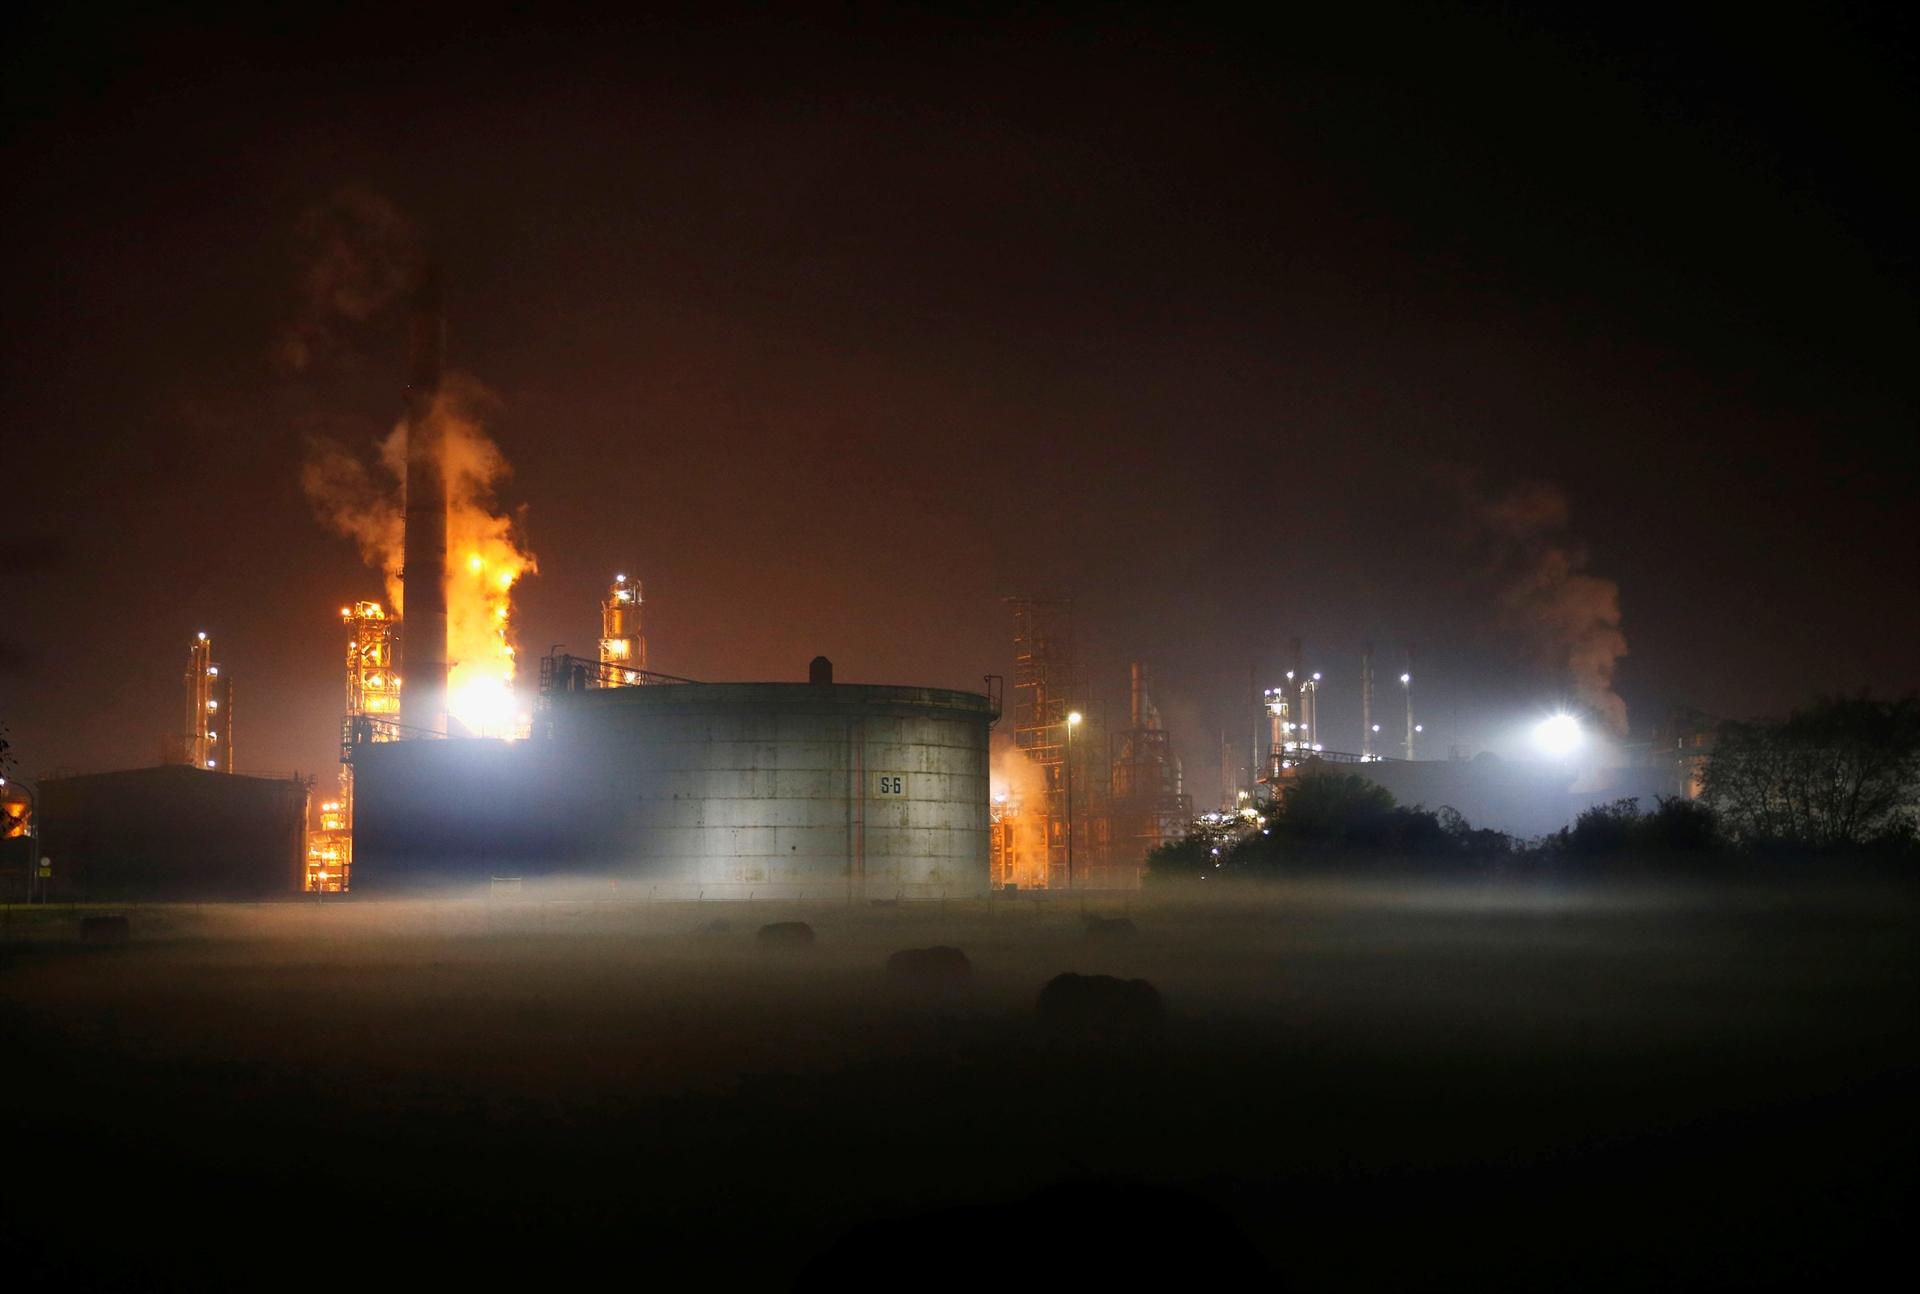 Unatoč eksploziji, radnici rafinerije još sinoć nastavili s radom